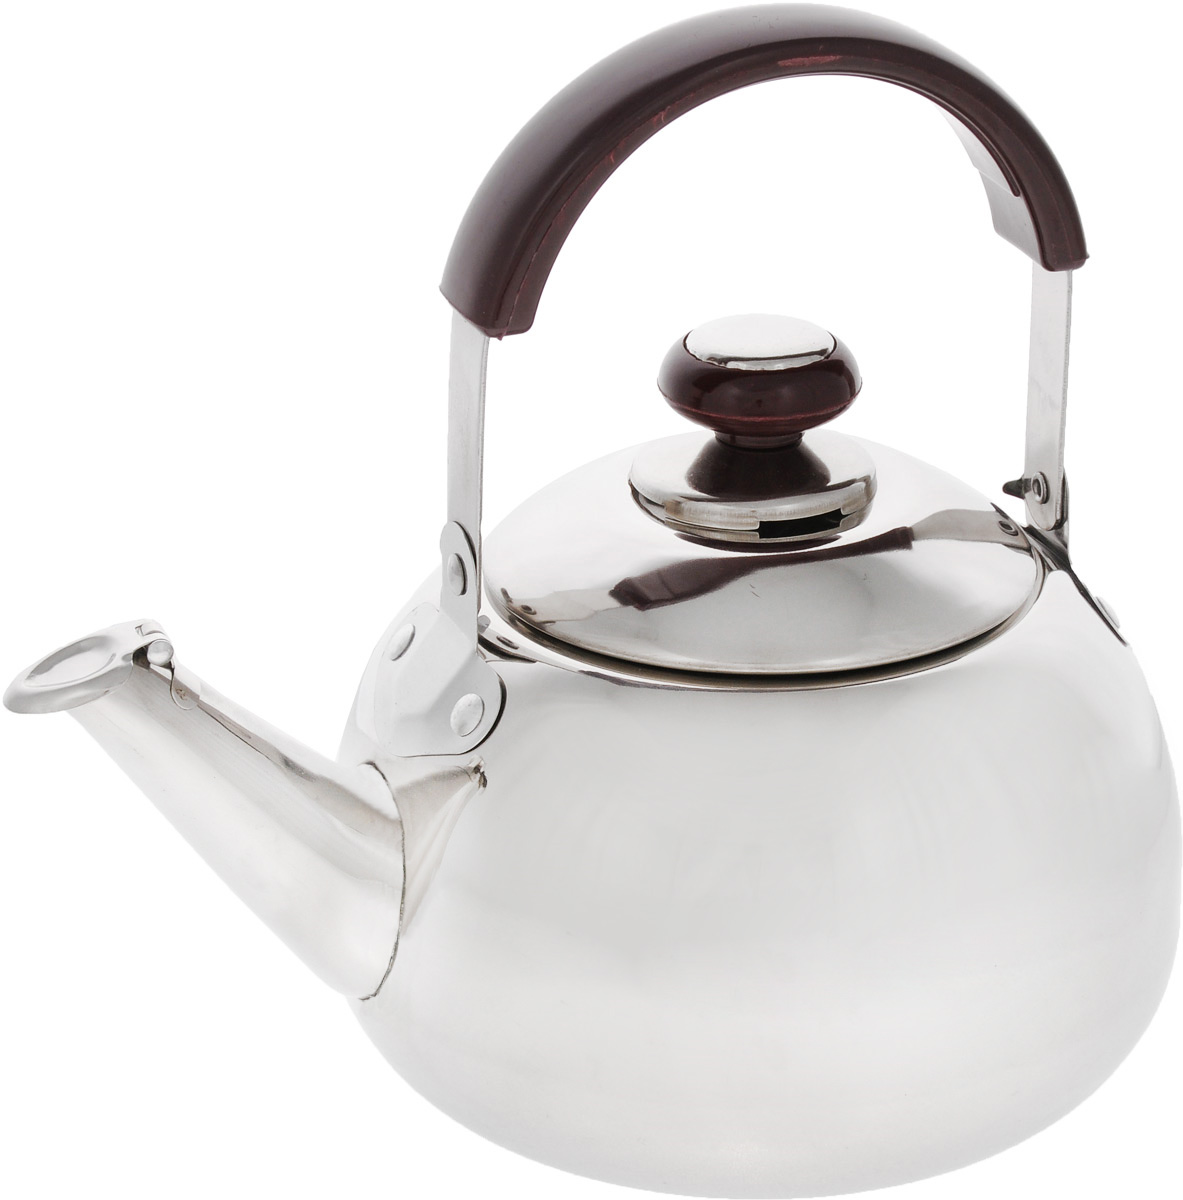 Чайник Mayer & Boch, со свистком, 2 л. 25222522Чайник Mayer & Boch изготовлен из высококачественной нержавеющей стали. Он оснащен подвижной ручкой из стали с бакелитовой накладкой, что делает использование чайника очень удобным и безопасным. Крышка снабжена свистком, позволяя контролировать процесс подогрева или кипячения воды.Эстетичный и функциональный чайник будет оригинально смотреться в любом интерьере.Подходит для газовых, электрических и стеклокерамических плит. Можно мыть в посудомоечной машине.Высота чайника (без учета ручки и крышки): 11,5 см.Высота чайника (с учетом ручки и крышки): 21 см.Диаметр чайника (по верхнему краю): 10 см.Диаметр основания: 14 см.